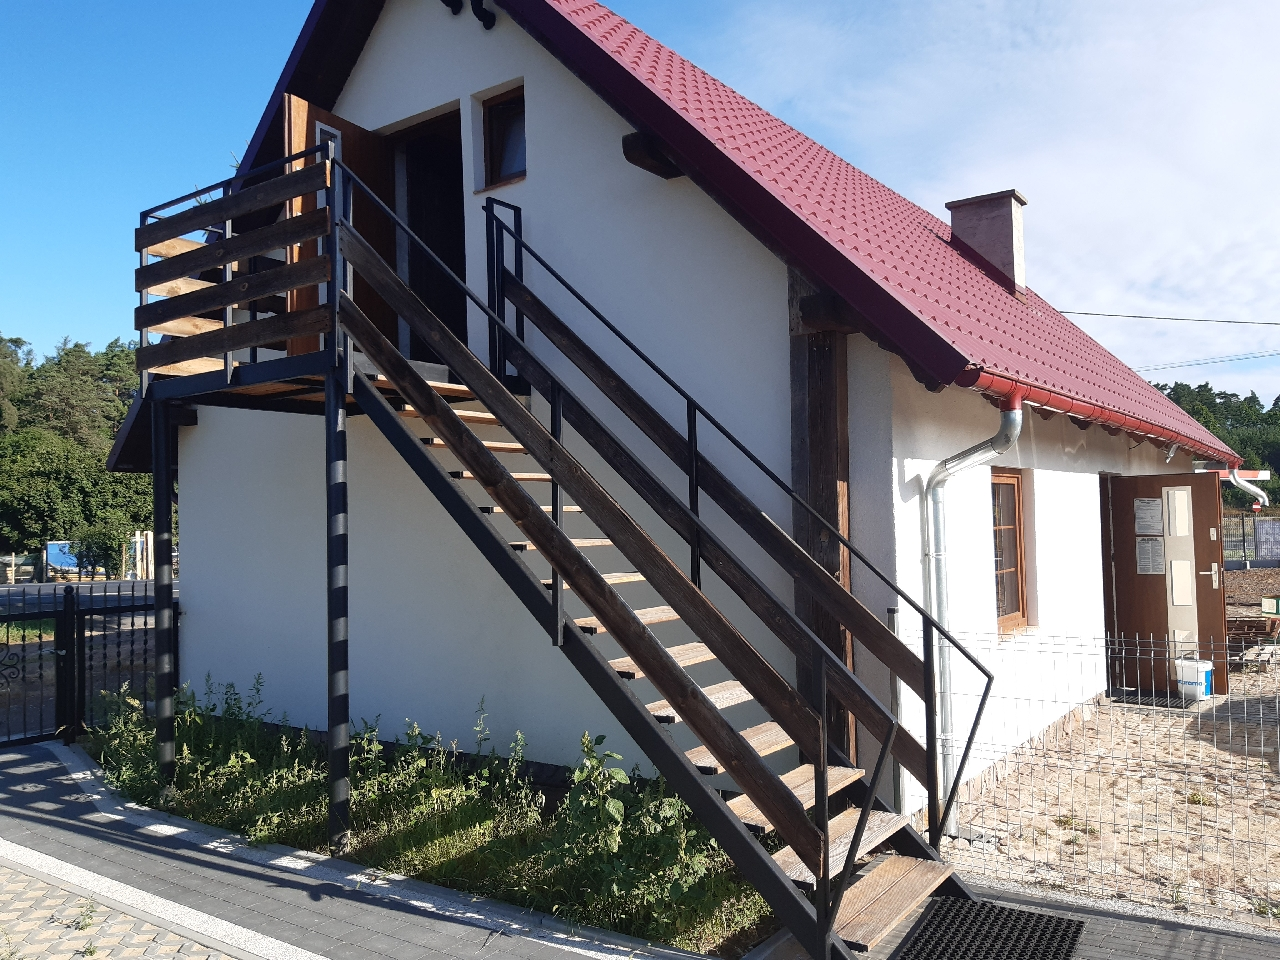 Piętro domu do wynajęcia z miejscem postojowym